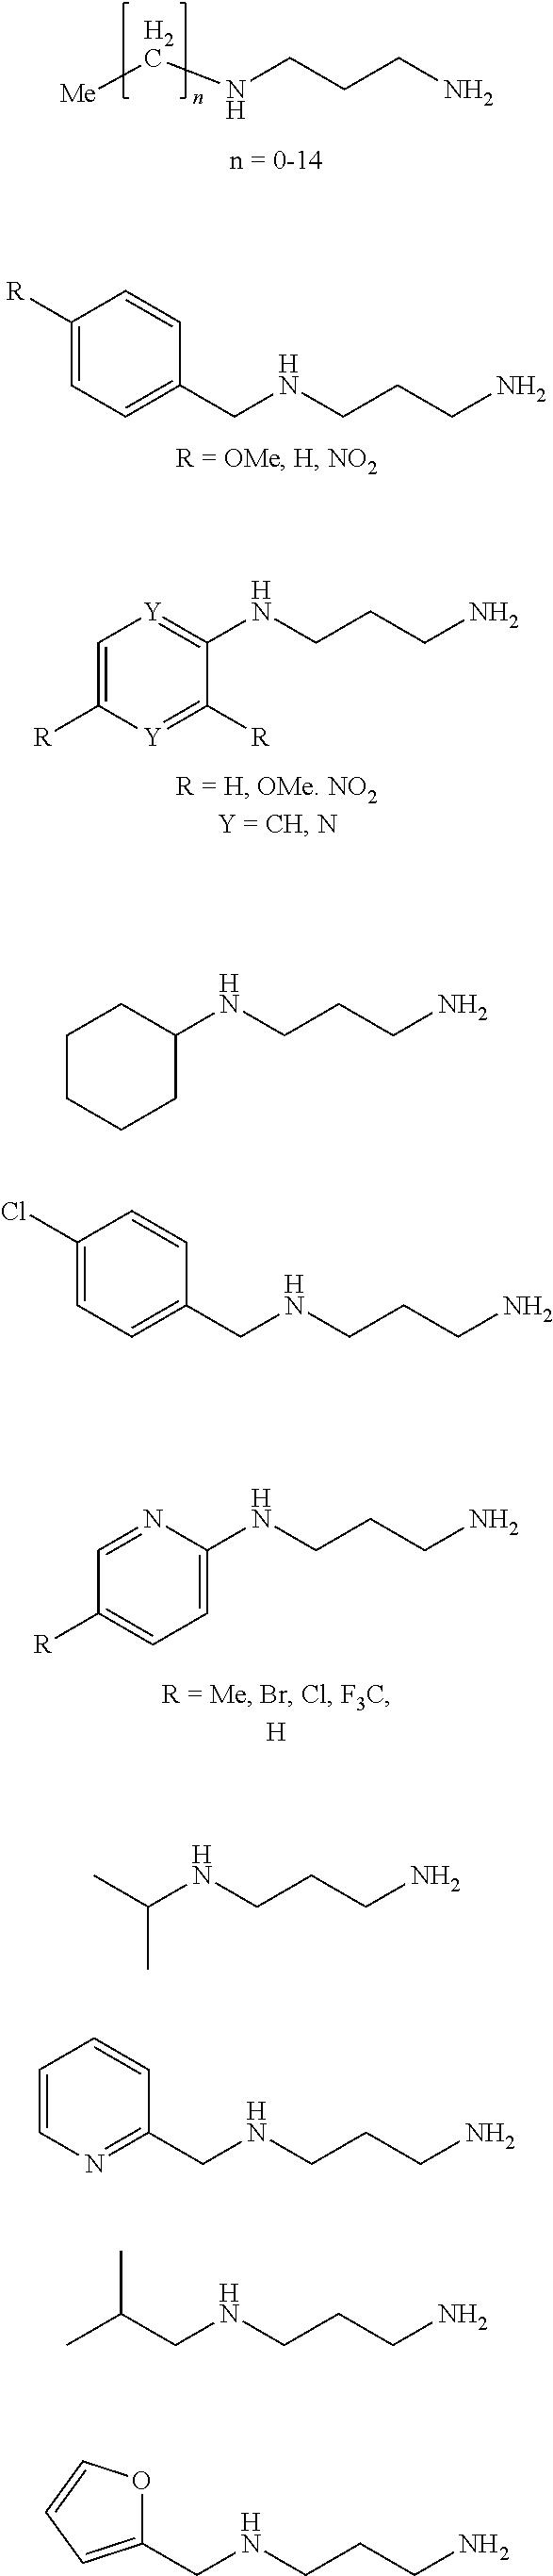 Figure US08969353-20150303-C00337